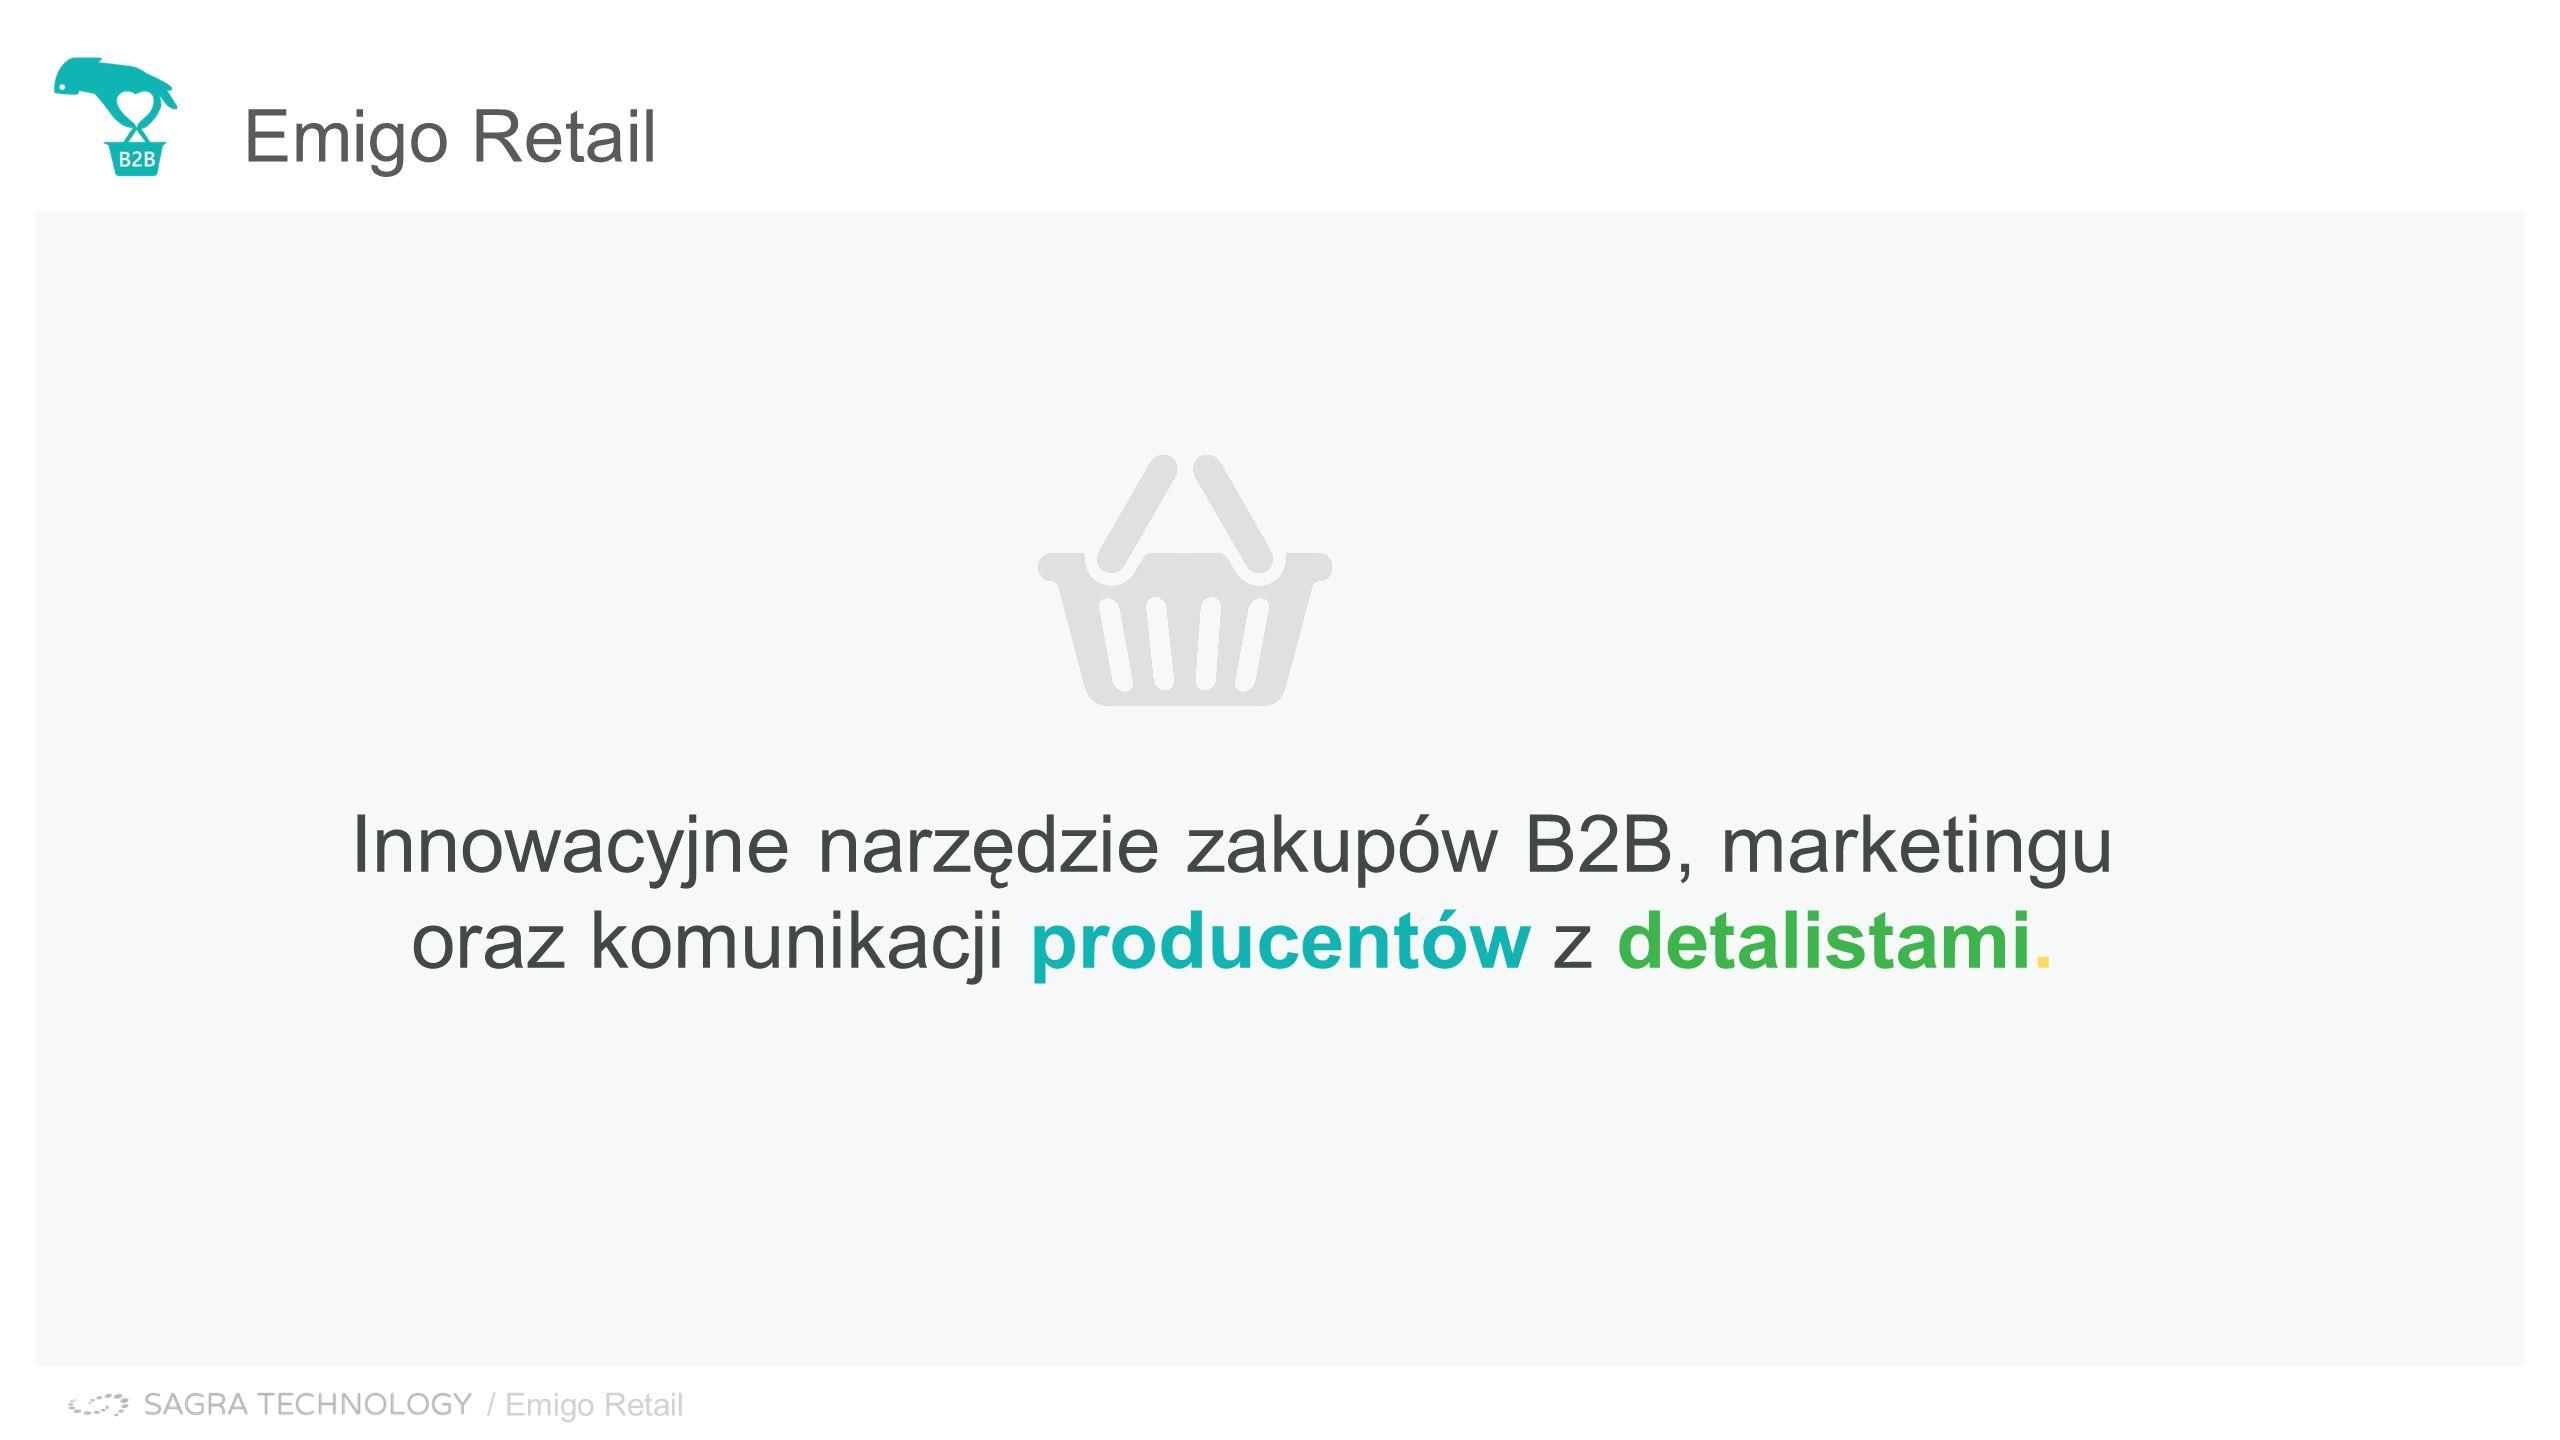 Innowacyjne narzędzie zakupów B2B, marketingu oraz komunikacji producentów z detalistami.